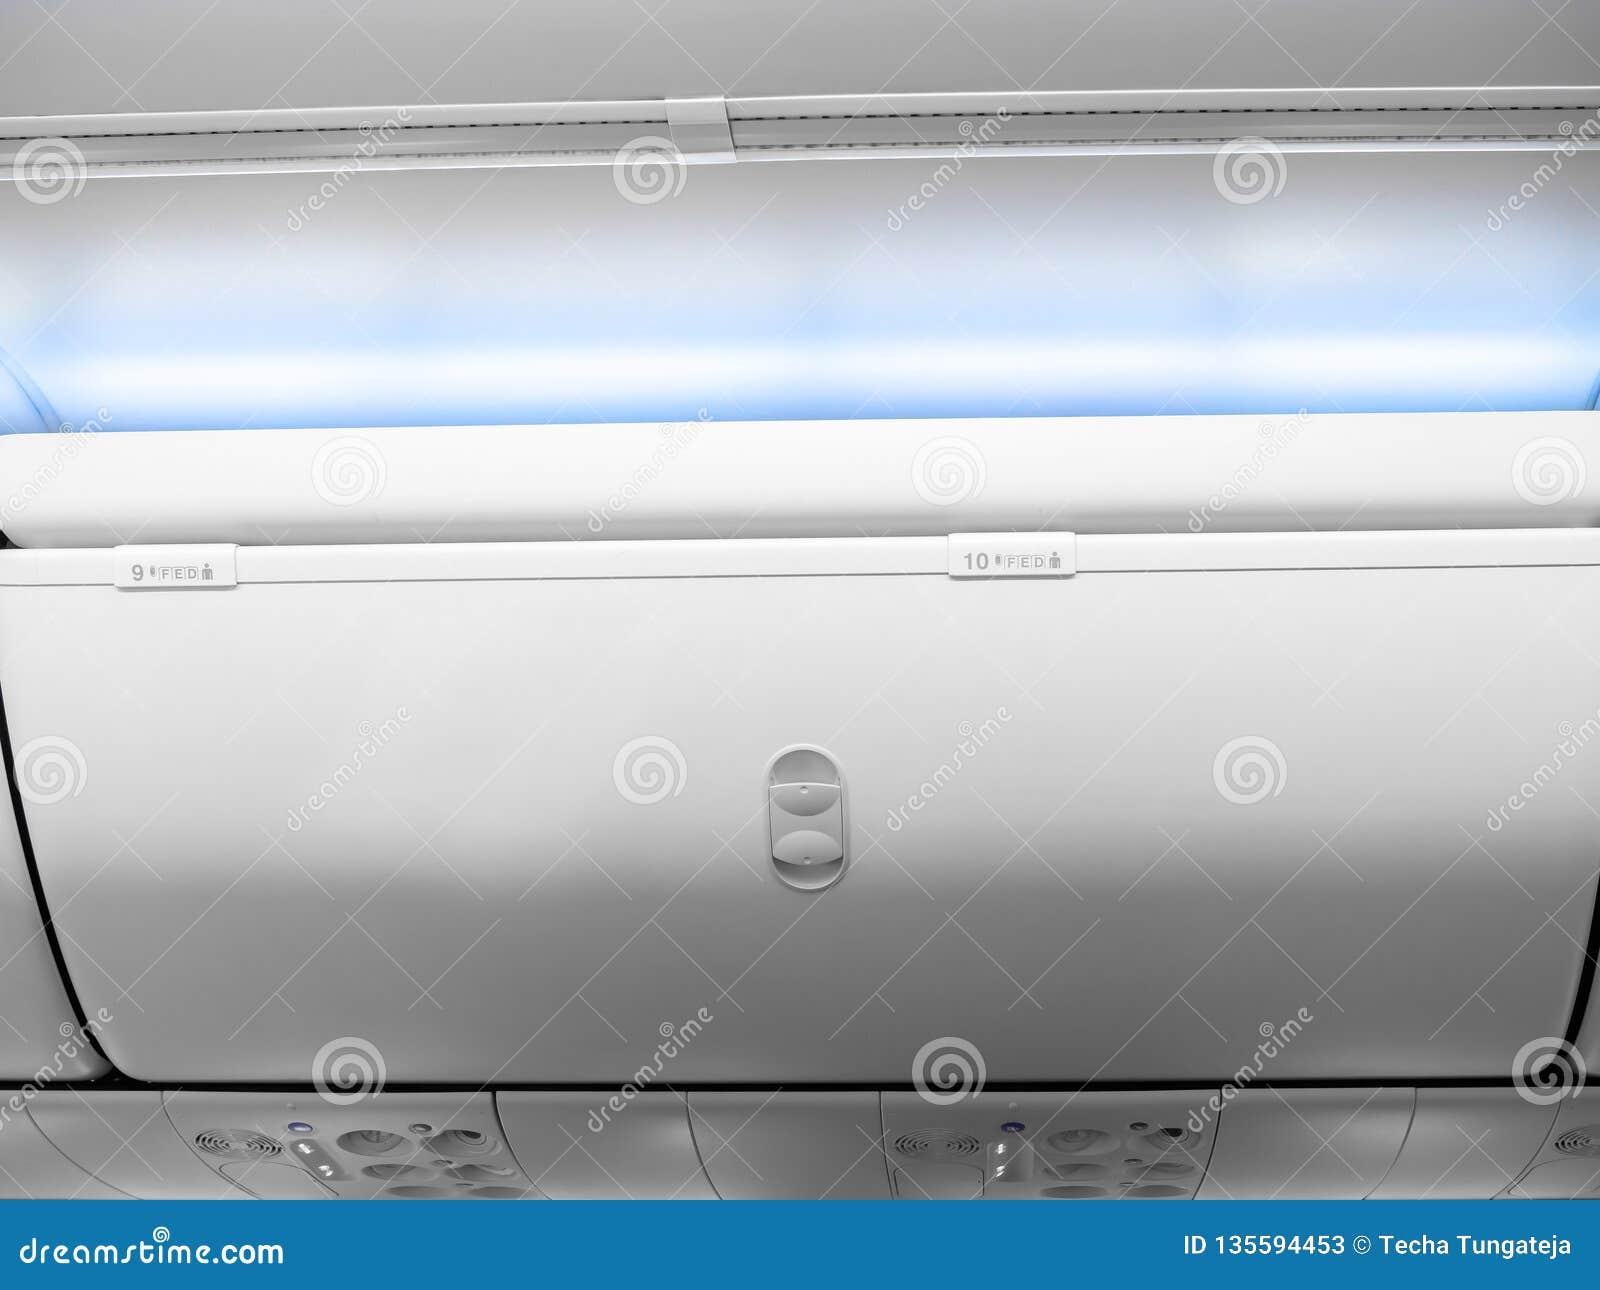 Weißes Gepäckschließfach Nr. 9 und 10 mit Blaulicht in der KabinenTouristenklasse im Handelsflugzeug